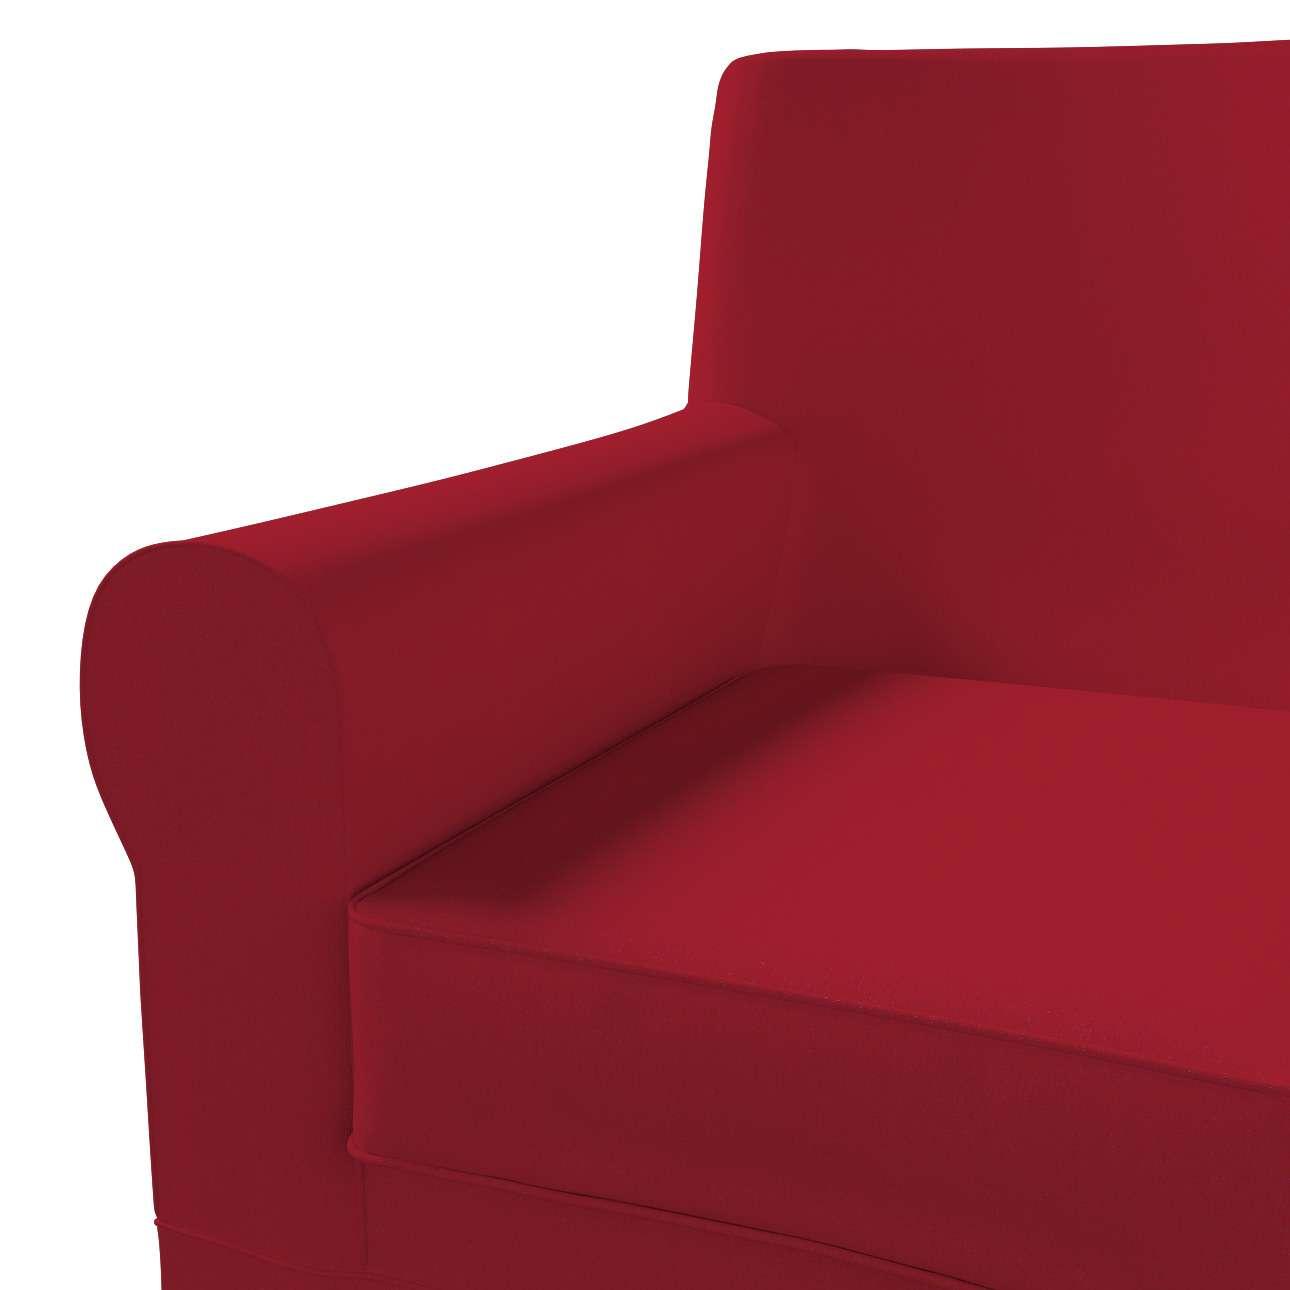 Pokrowiec na fotel Ektorp Jennylund w kolekcji Chenille, tkanina: 702-24